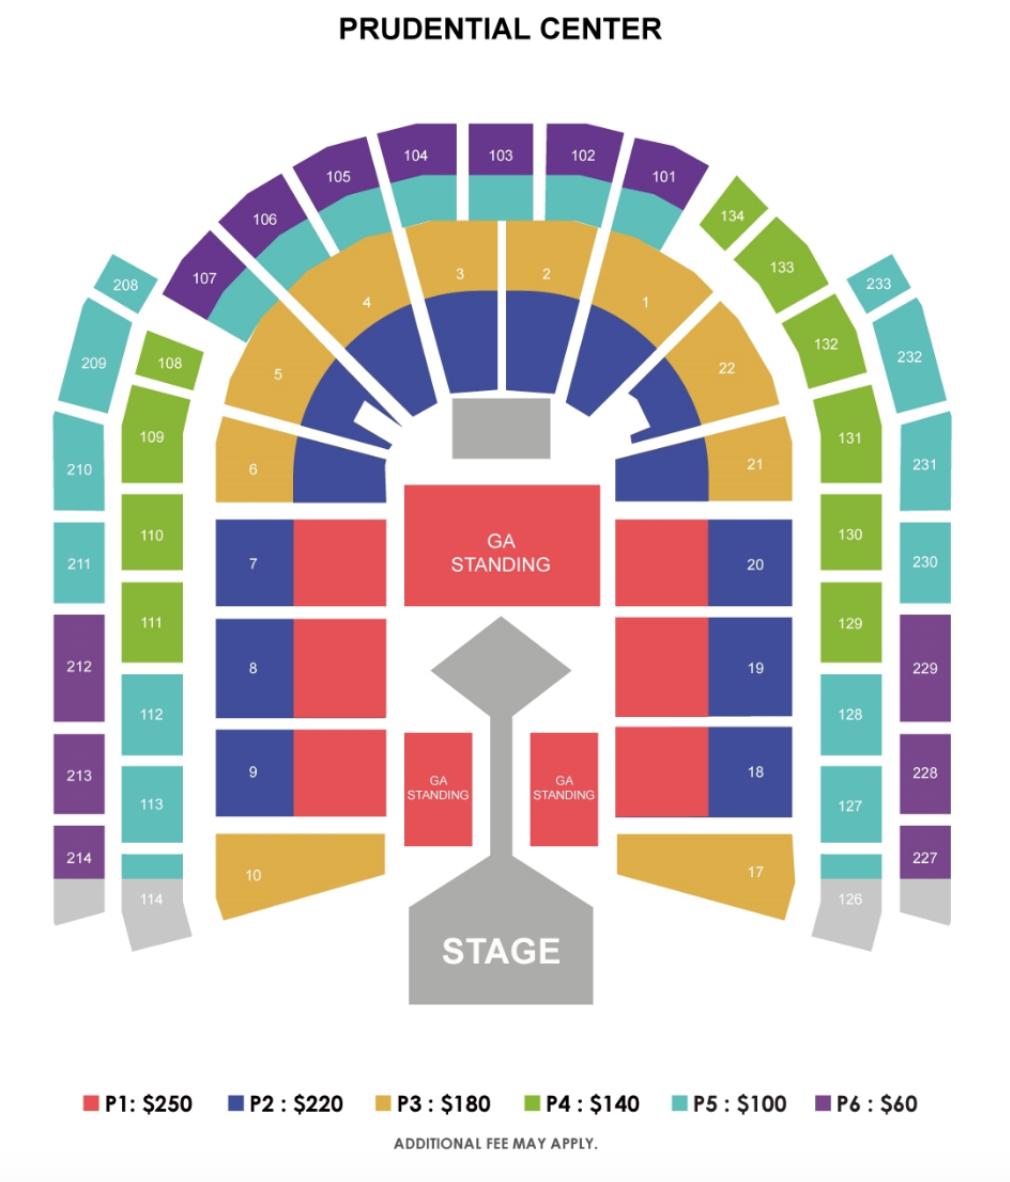 Ước tính doanh thu khủng của BTS từ tour diễn thế giới có thể lên đến hơn 2.500 tỷ đồng - Ảnh 5.